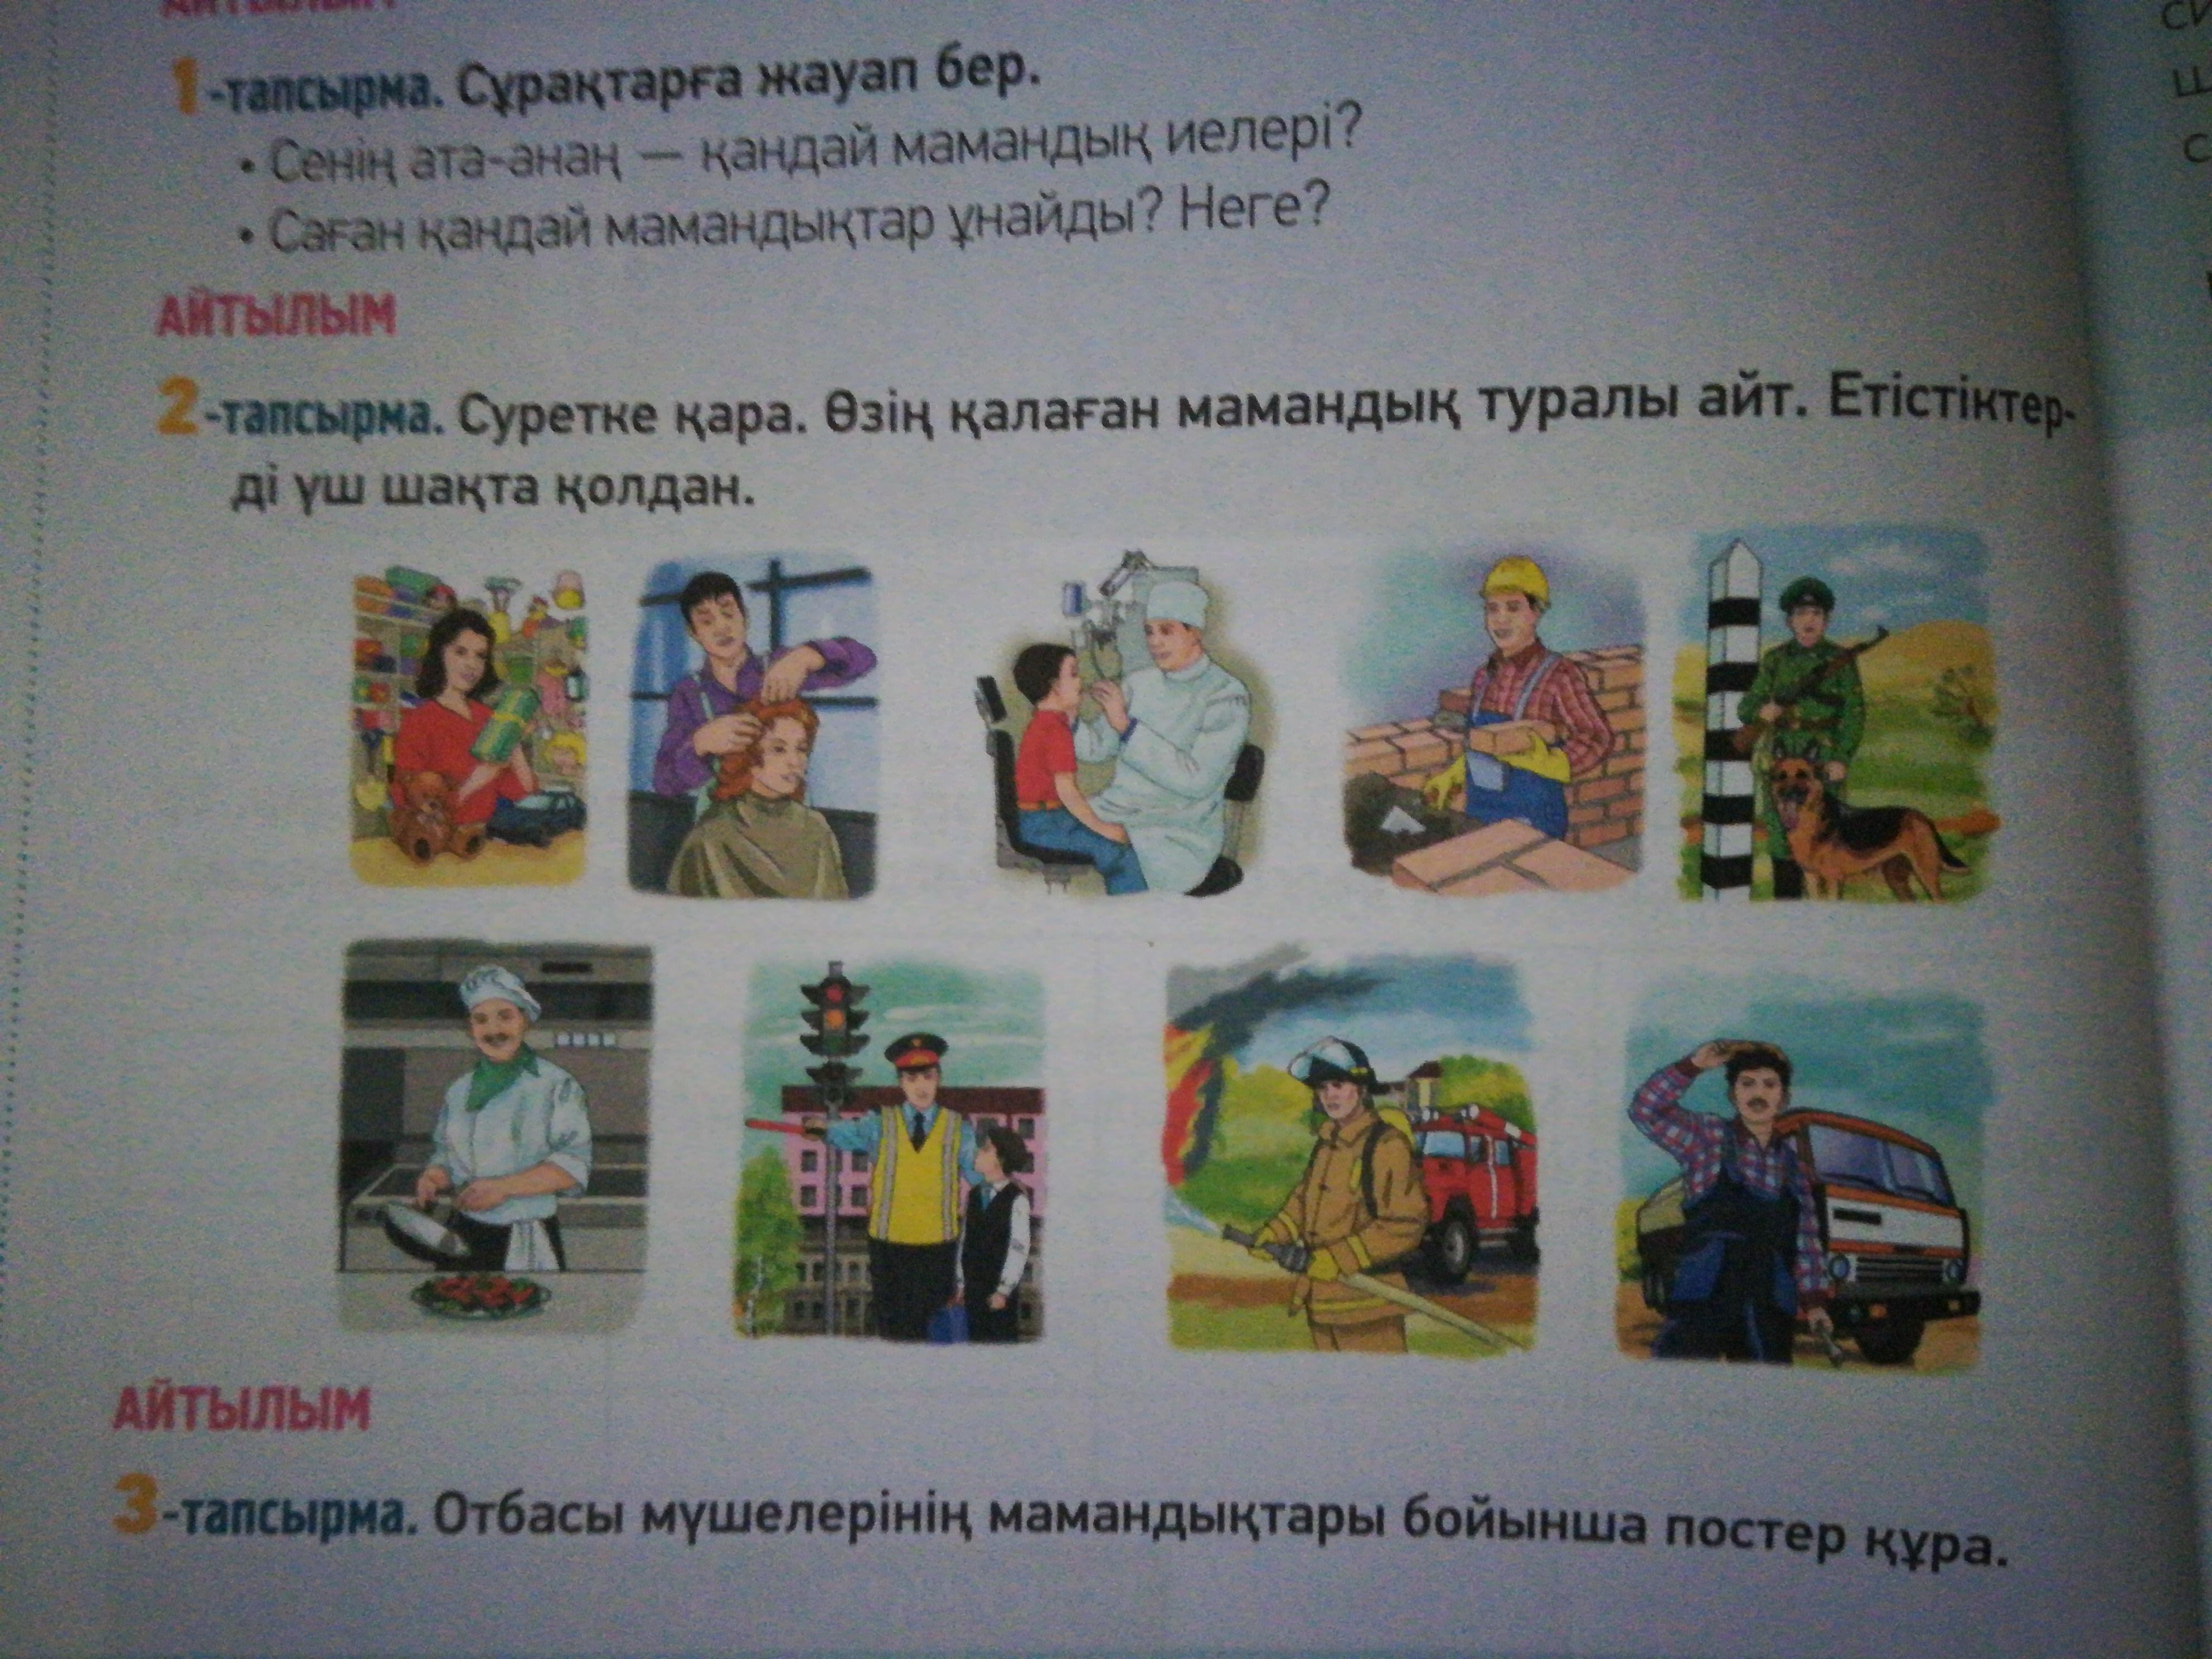 Пожалуйста сделайте домашнее задание по казахском